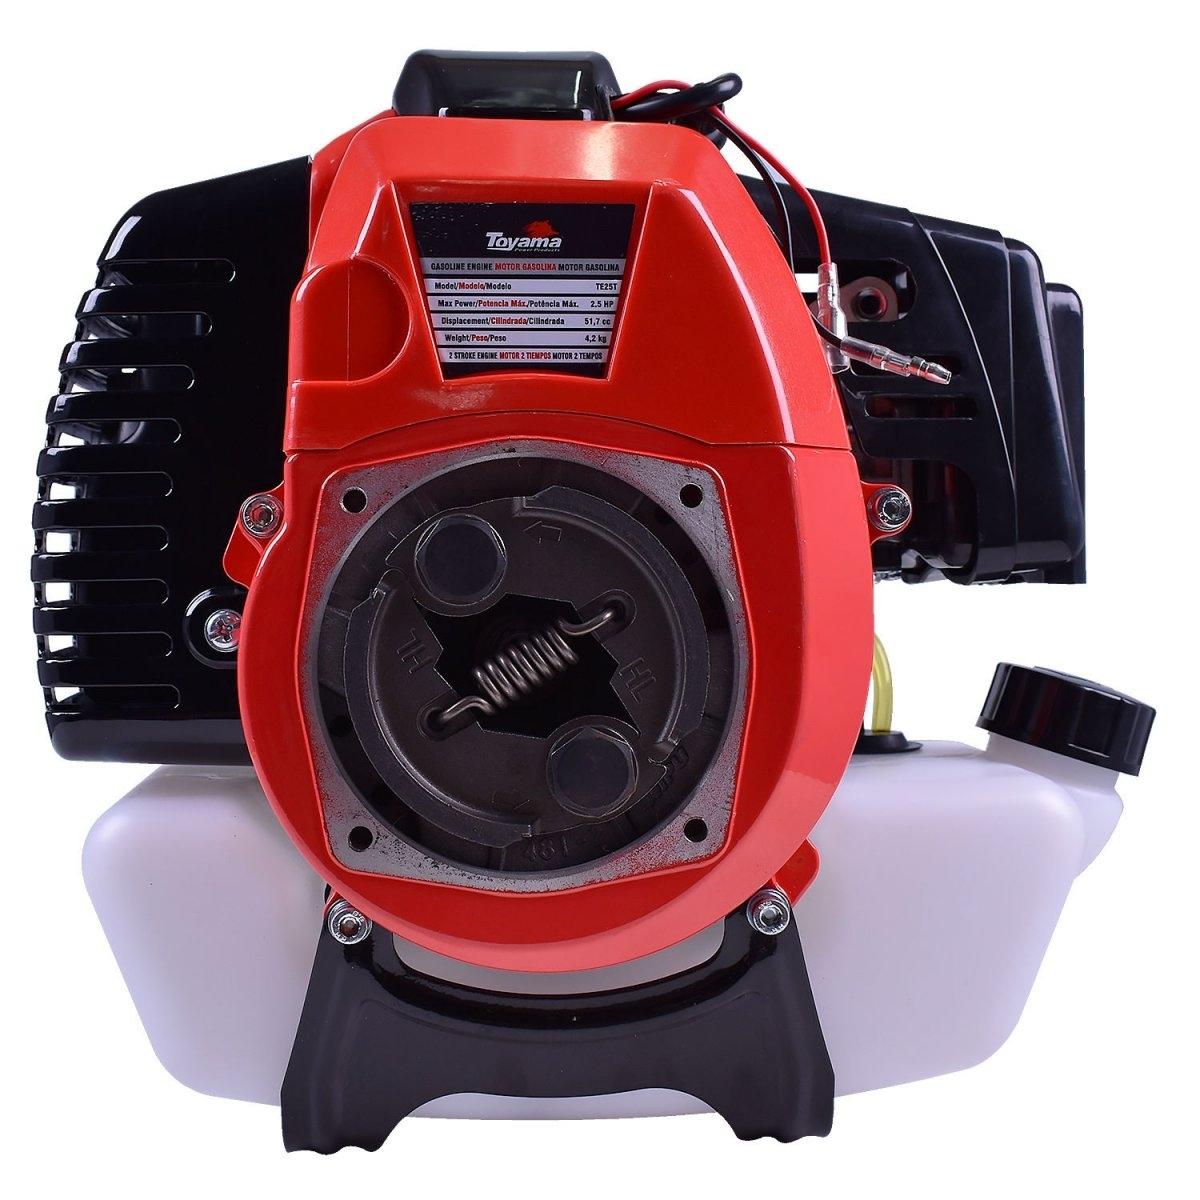 Motor Para Rabeta e Roçadeira a Gasolina 2,5HP TE25T Toyama - Hs Floresta e Jardim